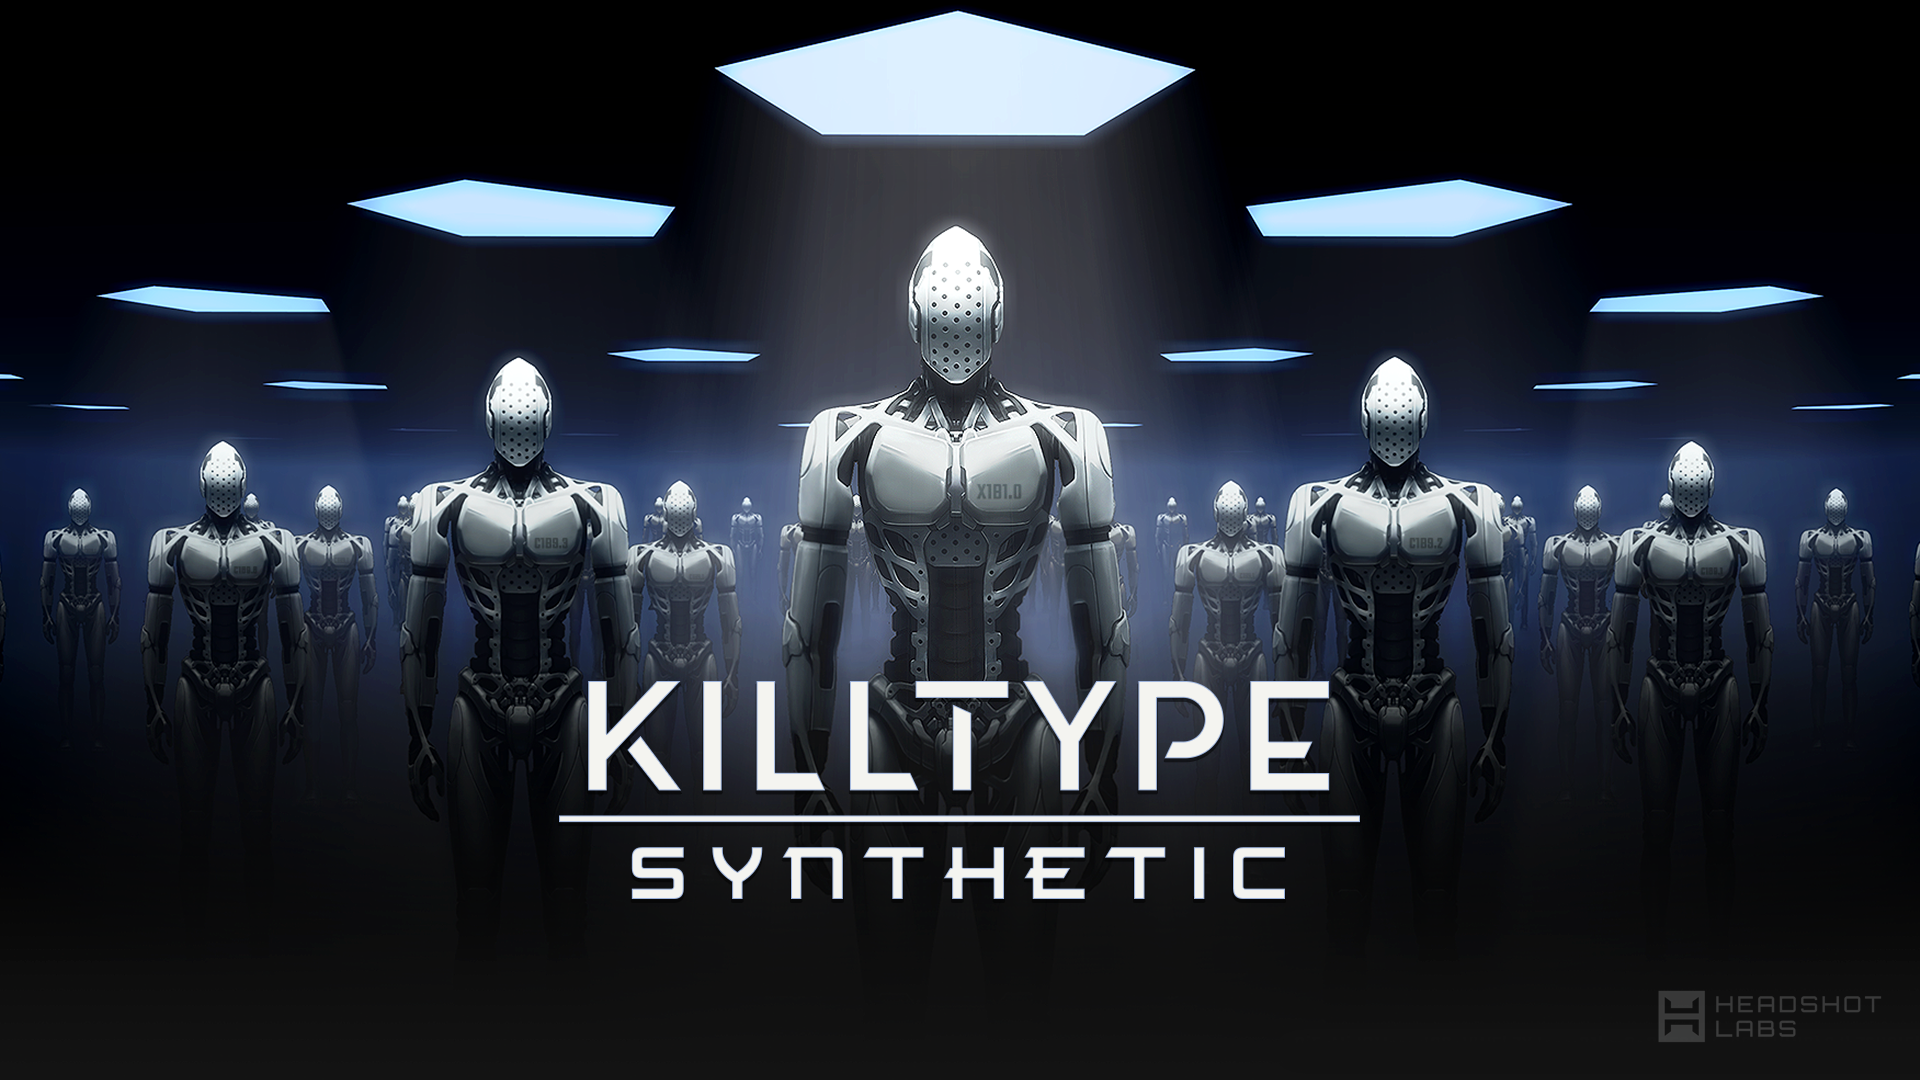 Killtype: Synthetic